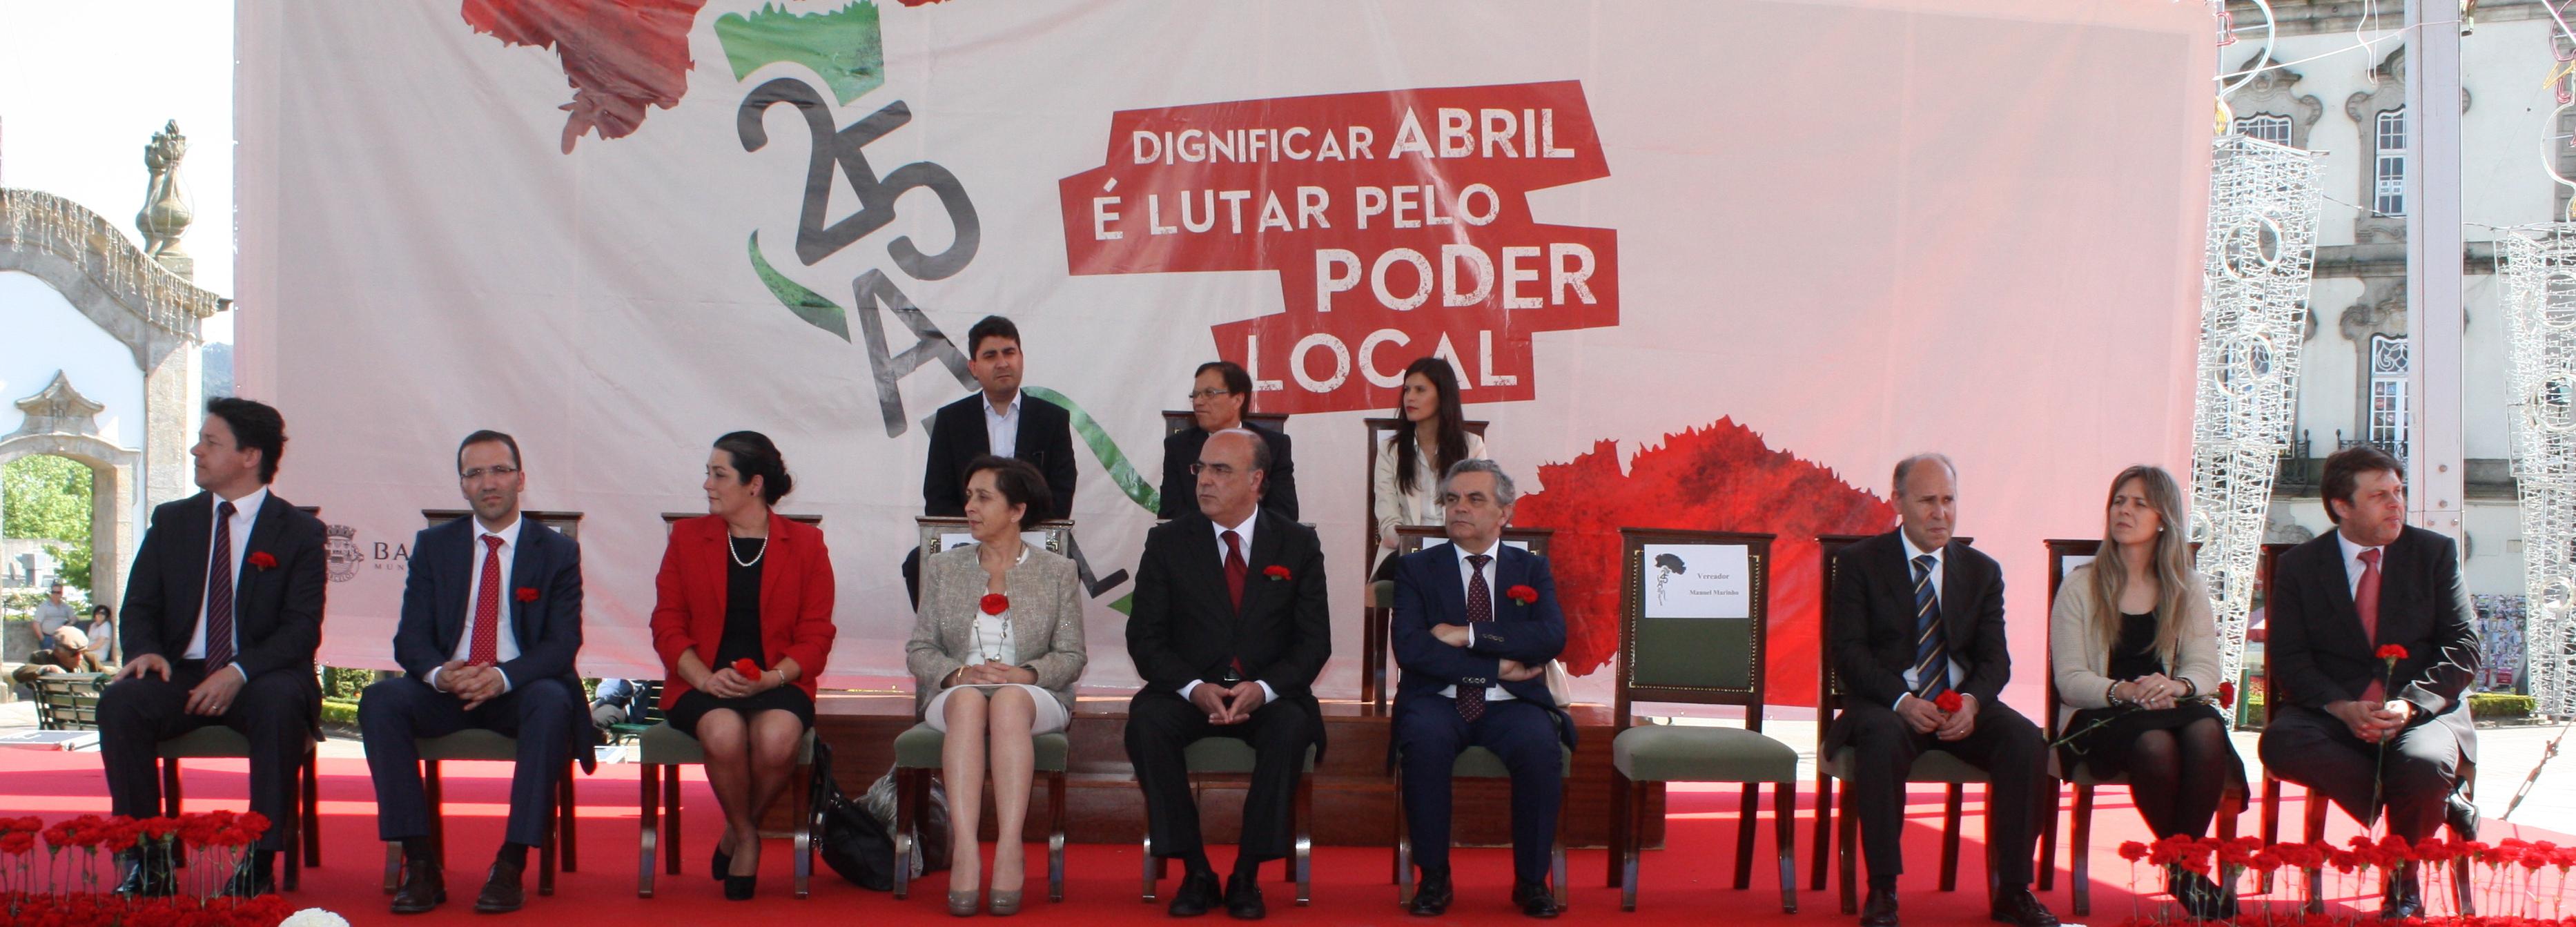 Defesa do poder local marca comemorações do 25 de abril organizadas pela Câmara Municipal